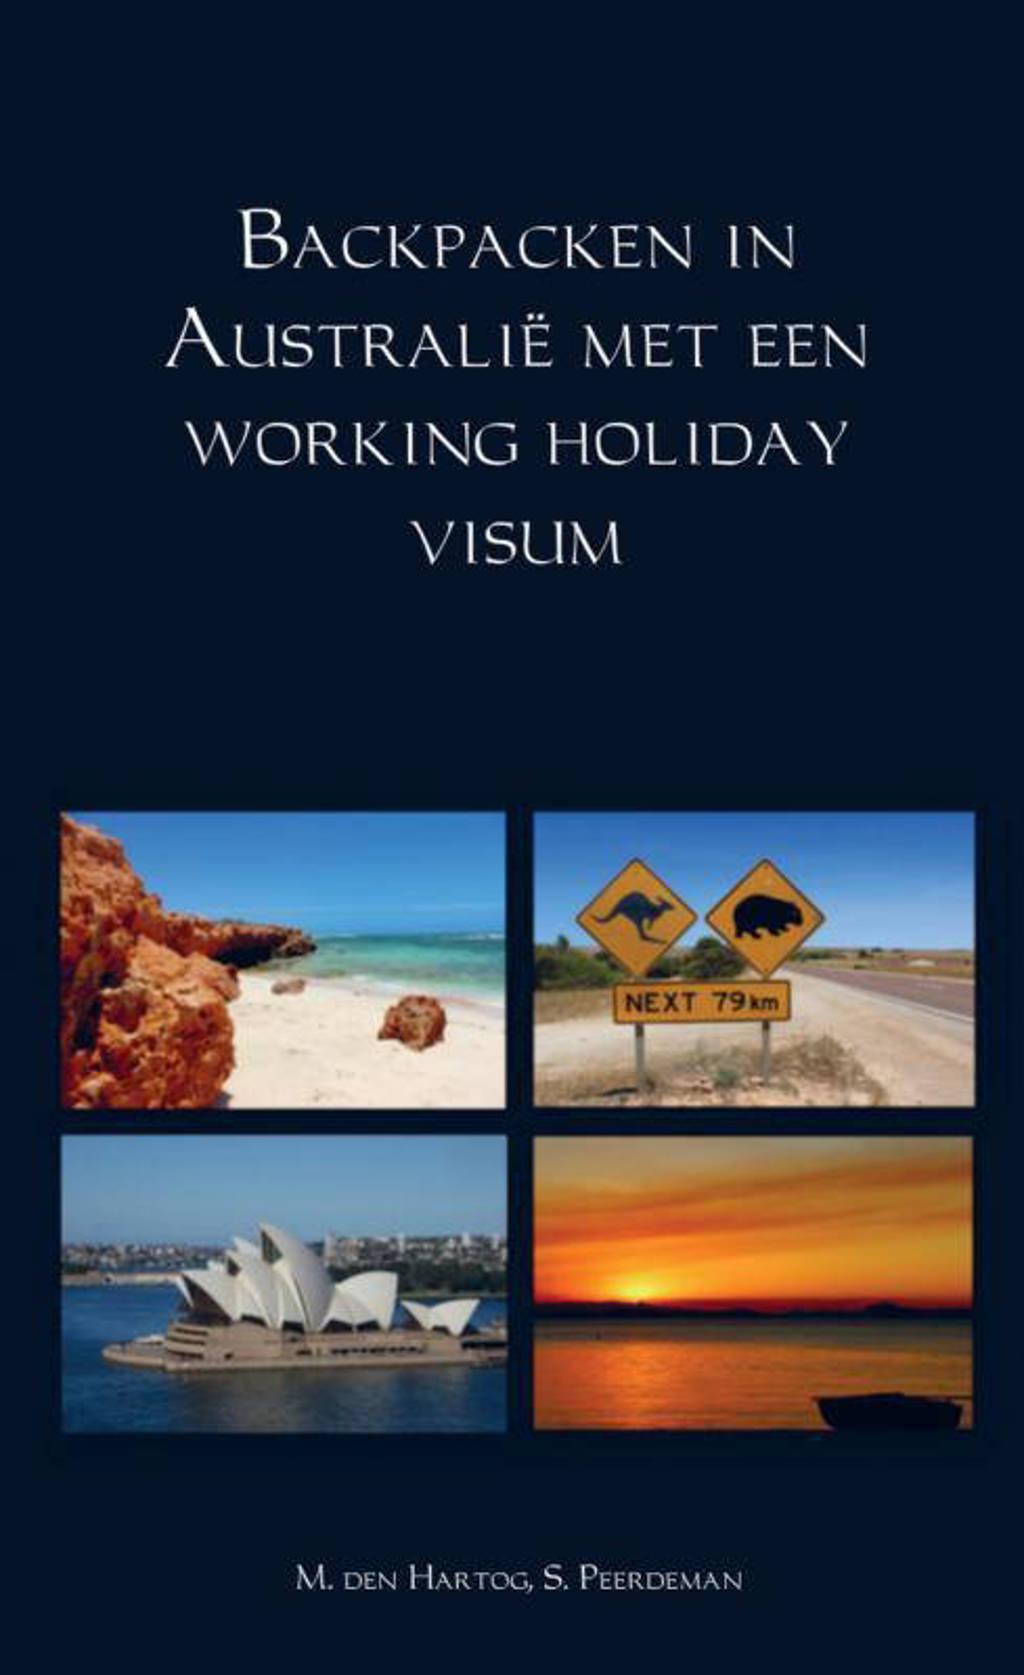 Backpacken in Australië met een working holiday visum - M. den Hartog en S. Peerdeman